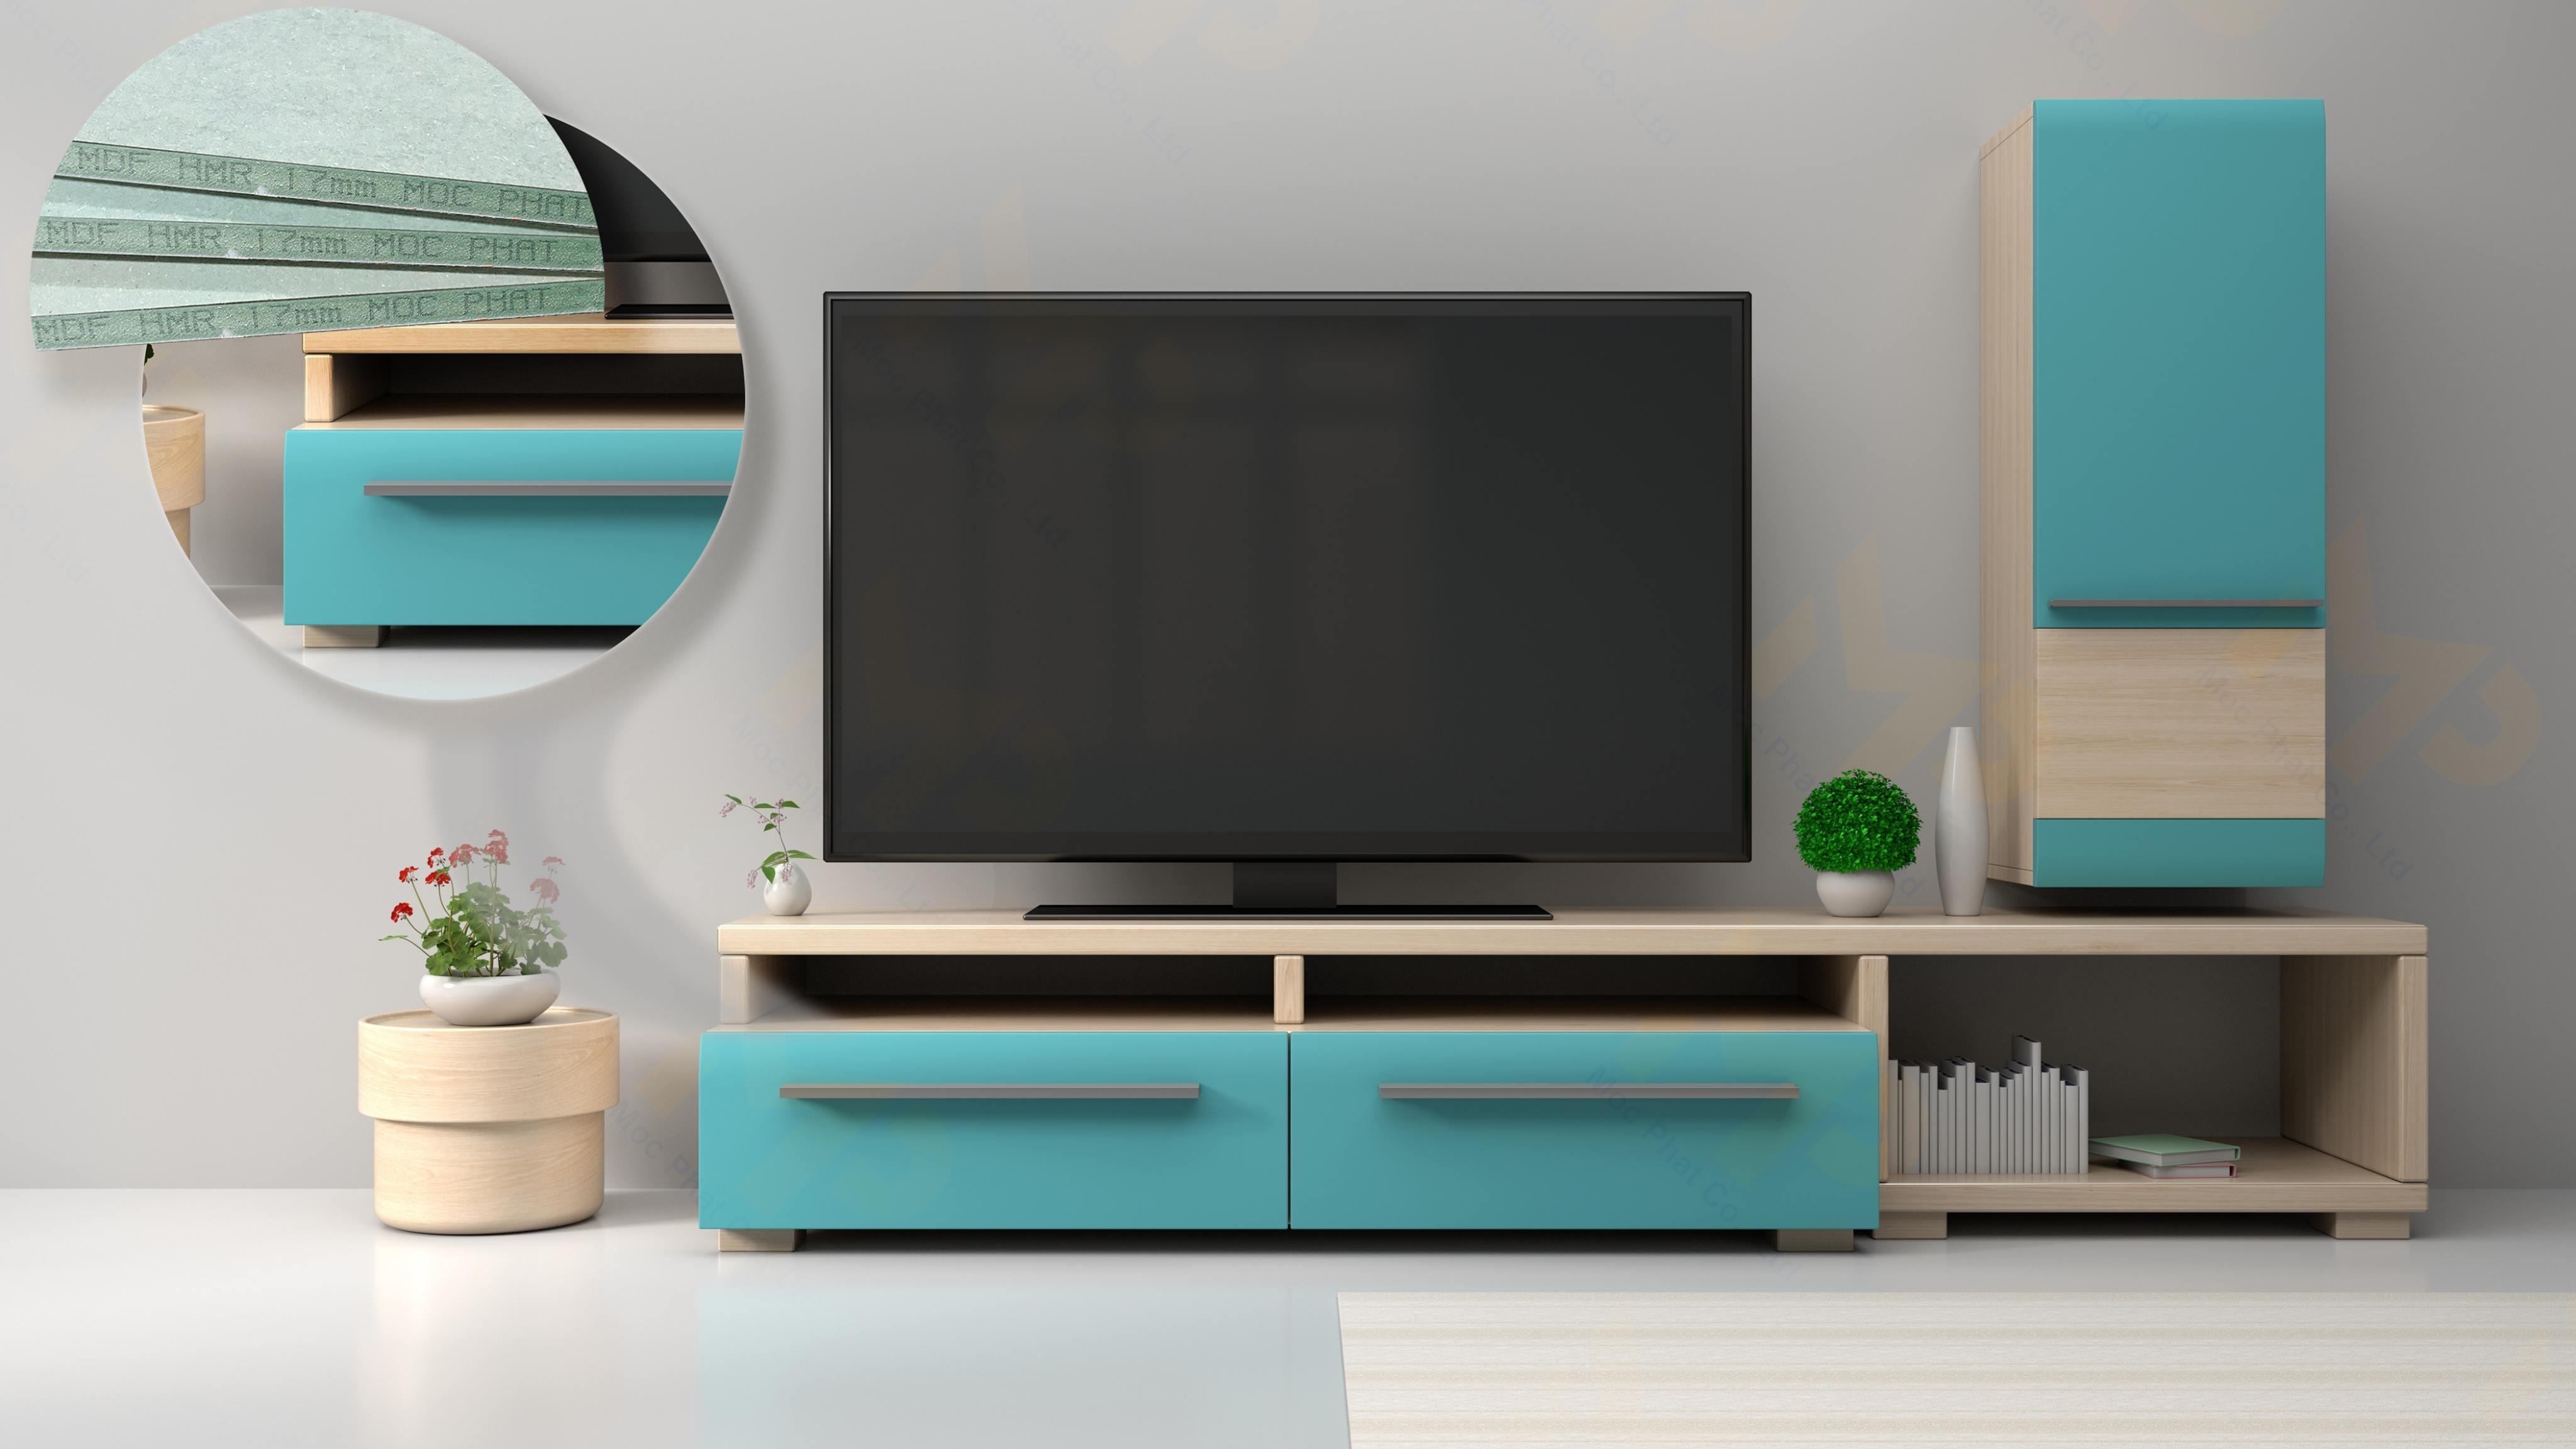 Dùng MDF chất lượng: Giải pháp nội thất hoàn hảo